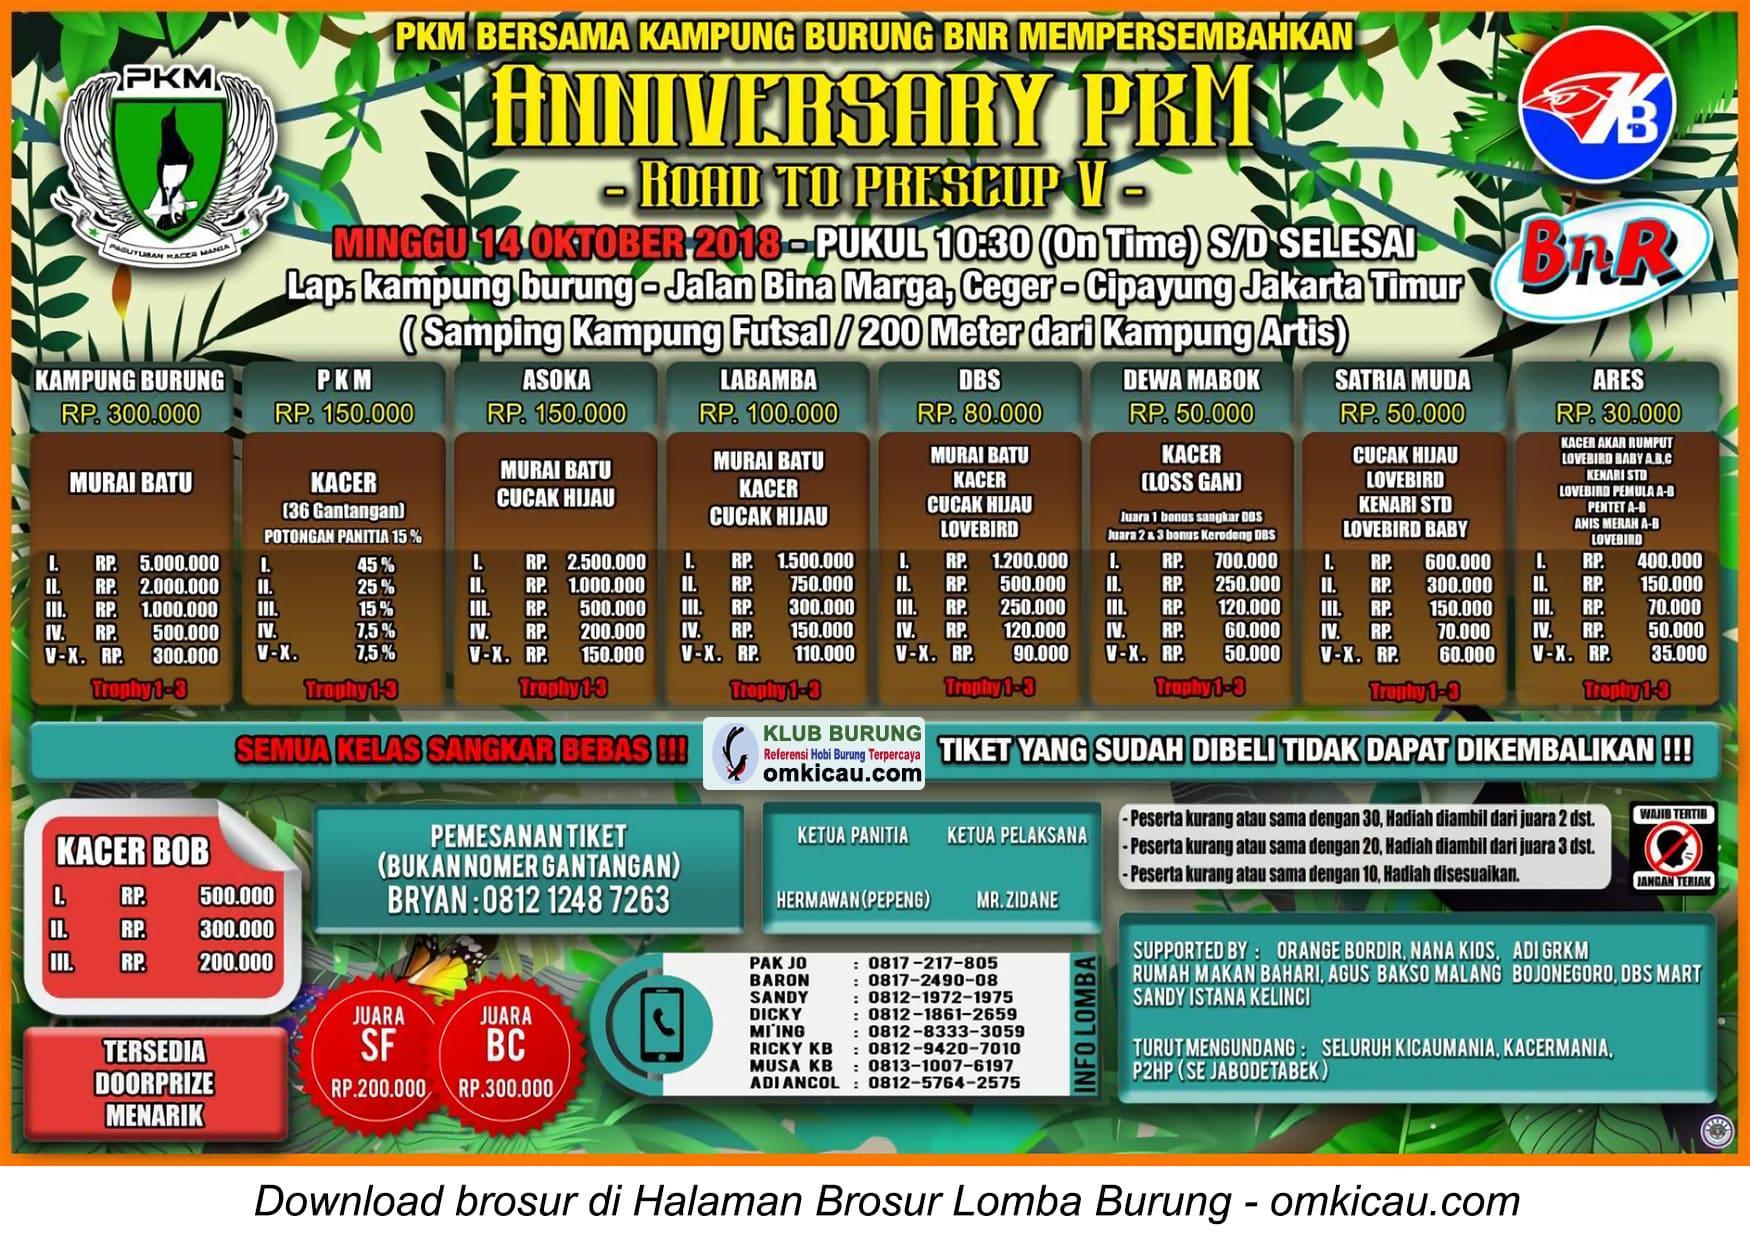 Anniversary PKM